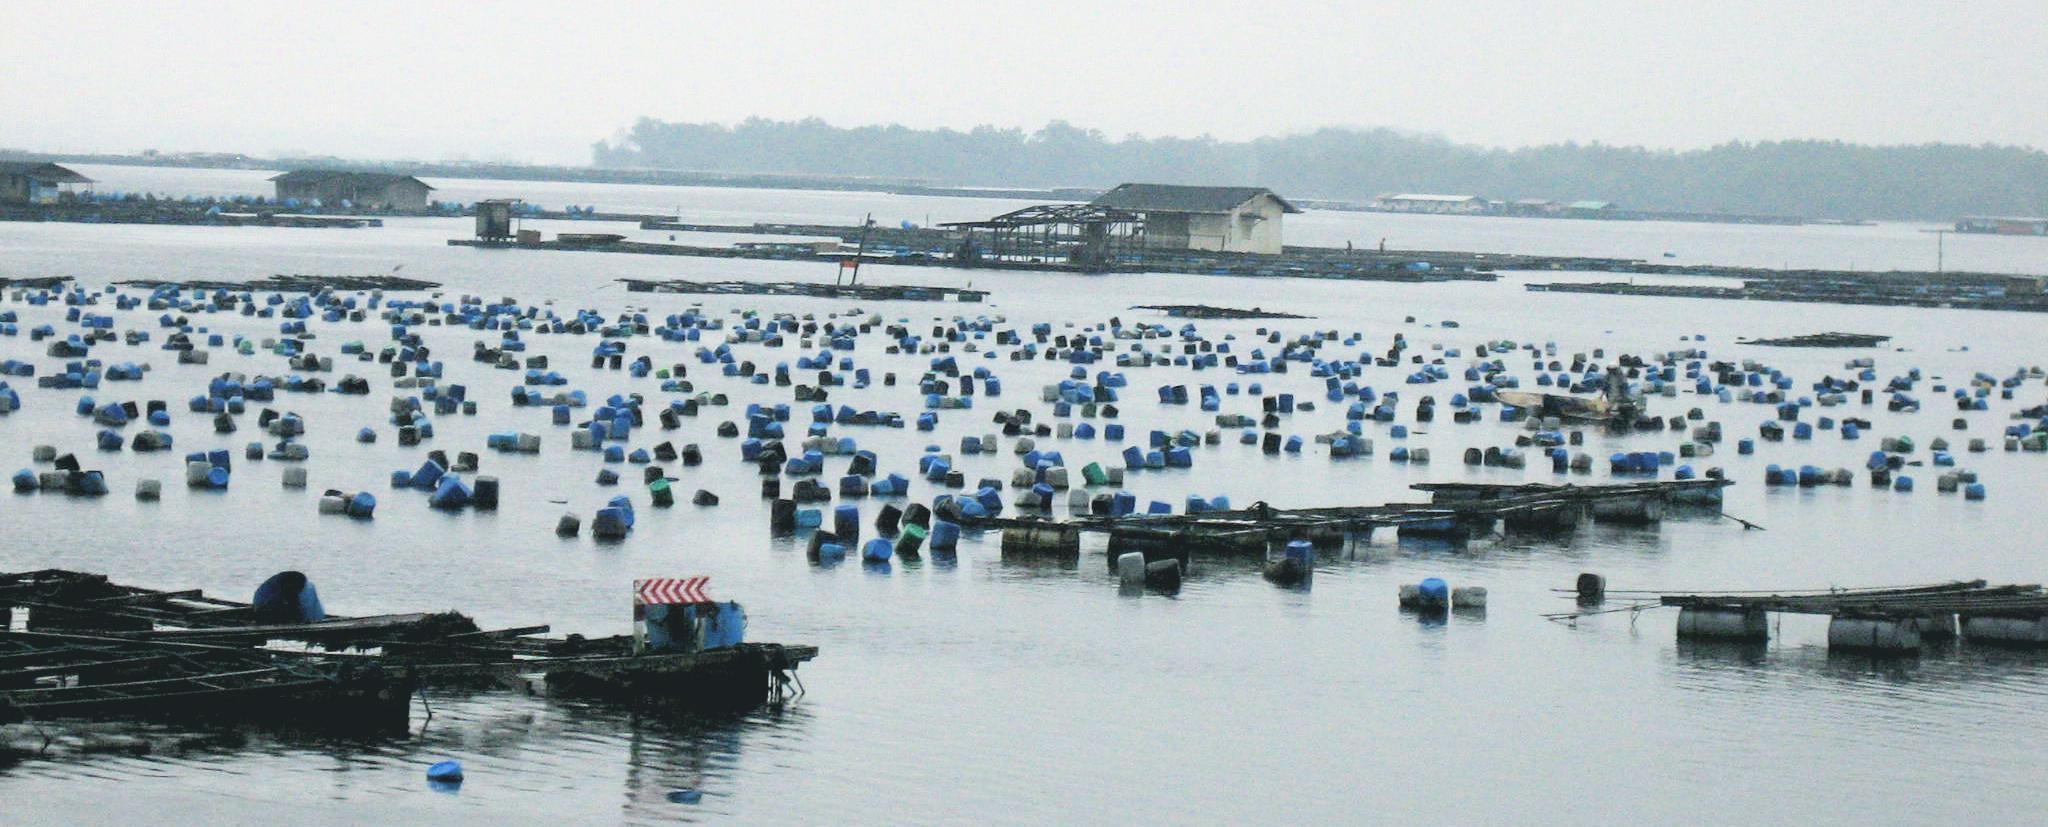 acuicultura, piscicultura, granjas de pescado, sobrepesca, peligros, harinas de pescado, FAO, informe,